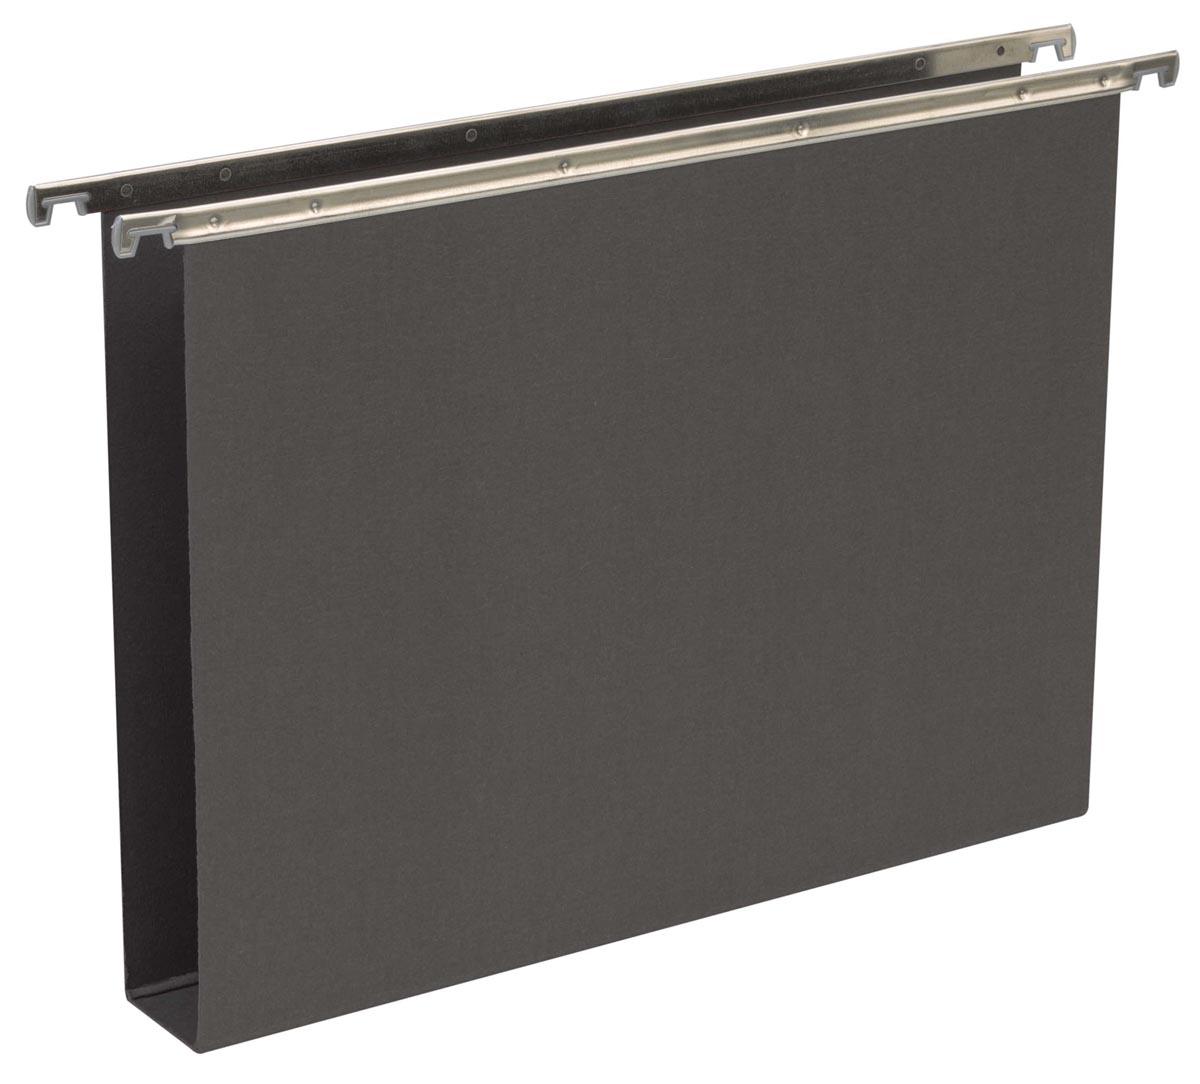 Alzicht by Jalema hangmappen voor laden Hardboard, ft A4, bodem 40 mm